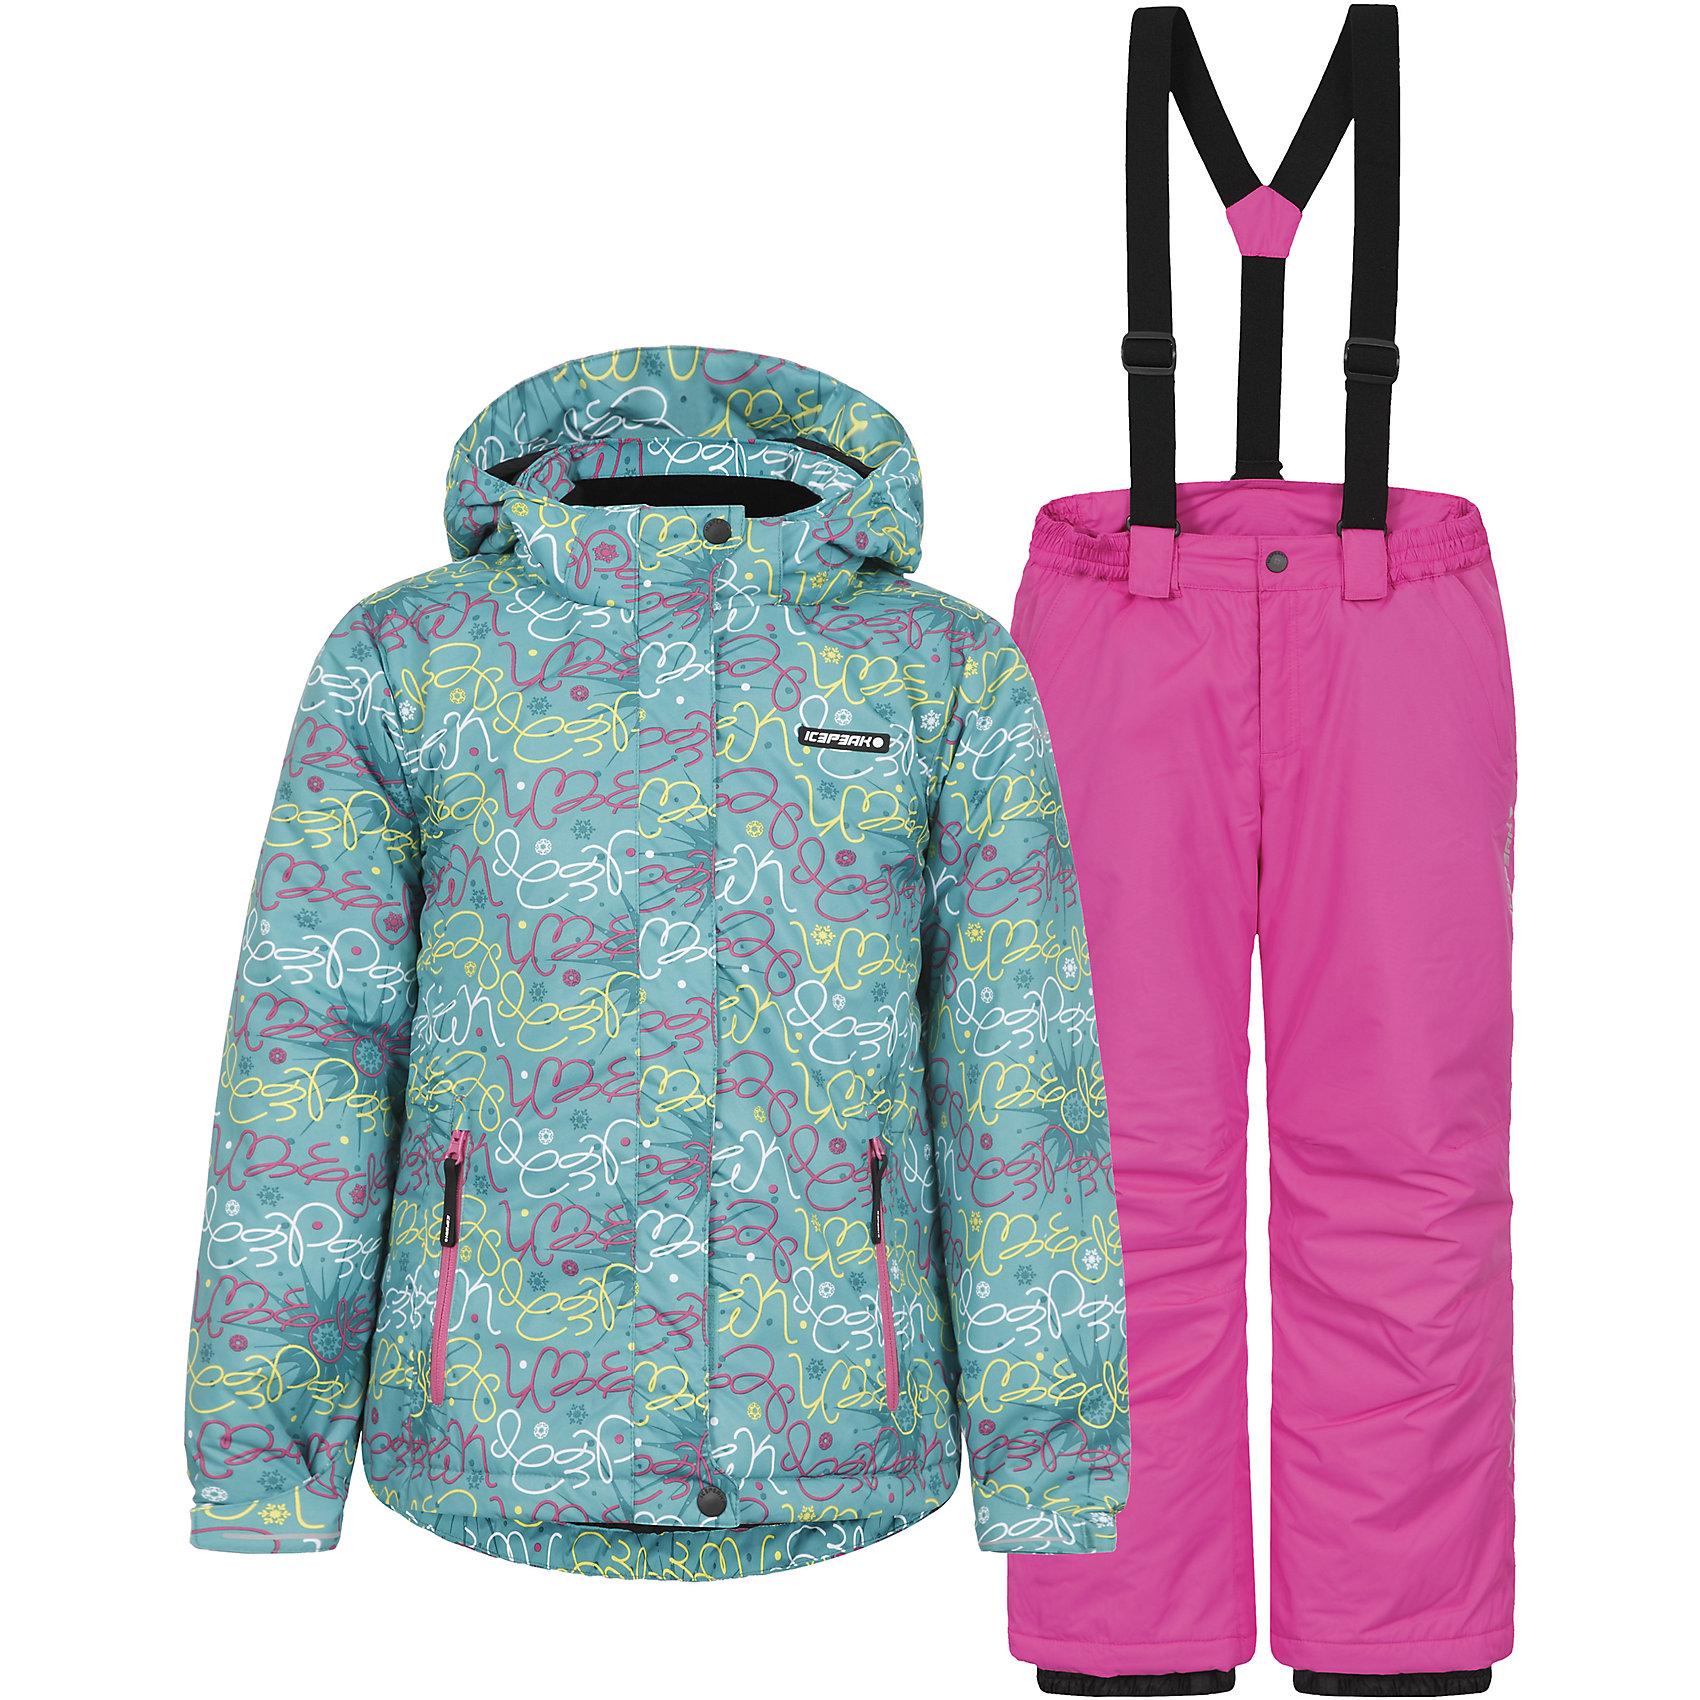 """Комплект: куртка и брюки для девочки ICEPEAKОдежда<br>Комплект: куртка и брюки для девочки ICEPEAK. <br><br>Состав: 100% полиэстер <br><br>Куртка с отстегивающимся капюшоном<br>Молния закрыта планкой, регулируемый рукав на липучке<br>Сформированный локоть, два мягких боковый кармана на молнии <br>Снегозащитная юбка <br>Мягкий и теплый внутренний воротник<br>Утяжка в нижней части куртки, светоотражающие элементы<br>Искусственный утеплитель Finnwad, утепление 200/160 гр.. рекомендованный температурный режим до -25 °.<br> <br>Брюки на отстегивающихся лямках<br>Завышенная талия на спине для комфорта, эластичный пояс<br>Внутренние манжеты с резинкой для  защиты от снега, сформированное колено, искусственный утеплитель Finnwad, утепление 100 гр.  <br><br>Технологии: <br>Icemax, 5000/2000, <br>""""Дышаший"""" и водонепроницаемый материал с характеристиками 5000mm/2000g/m2/24h, надёжно защищают даже в суровых погодных условиях. """"Дышашие"""" свойства изделия позволят чувствовать себя комфортно даже при длительном нахождении на улице.<br>Children's safety<br>Правила безопасности - изделия произведены в полном соответствии с требованиями безопасности для детей: отстегивающийся капюшон, безопасная утягивающаяся тесьма в кармашках, светоотражатели.<br><br>Ширина мм: 356<br>Глубина мм: 10<br>Высота мм: 245<br>Вес г: 519<br>Цвет: зеленый<br>Возраст от месяцев: 180<br>Возраст до месяцев: 192<br>Пол: Женский<br>Возраст: Детский<br>Размер: 176,116,152,164,140,128<br>SKU: 4220906"""